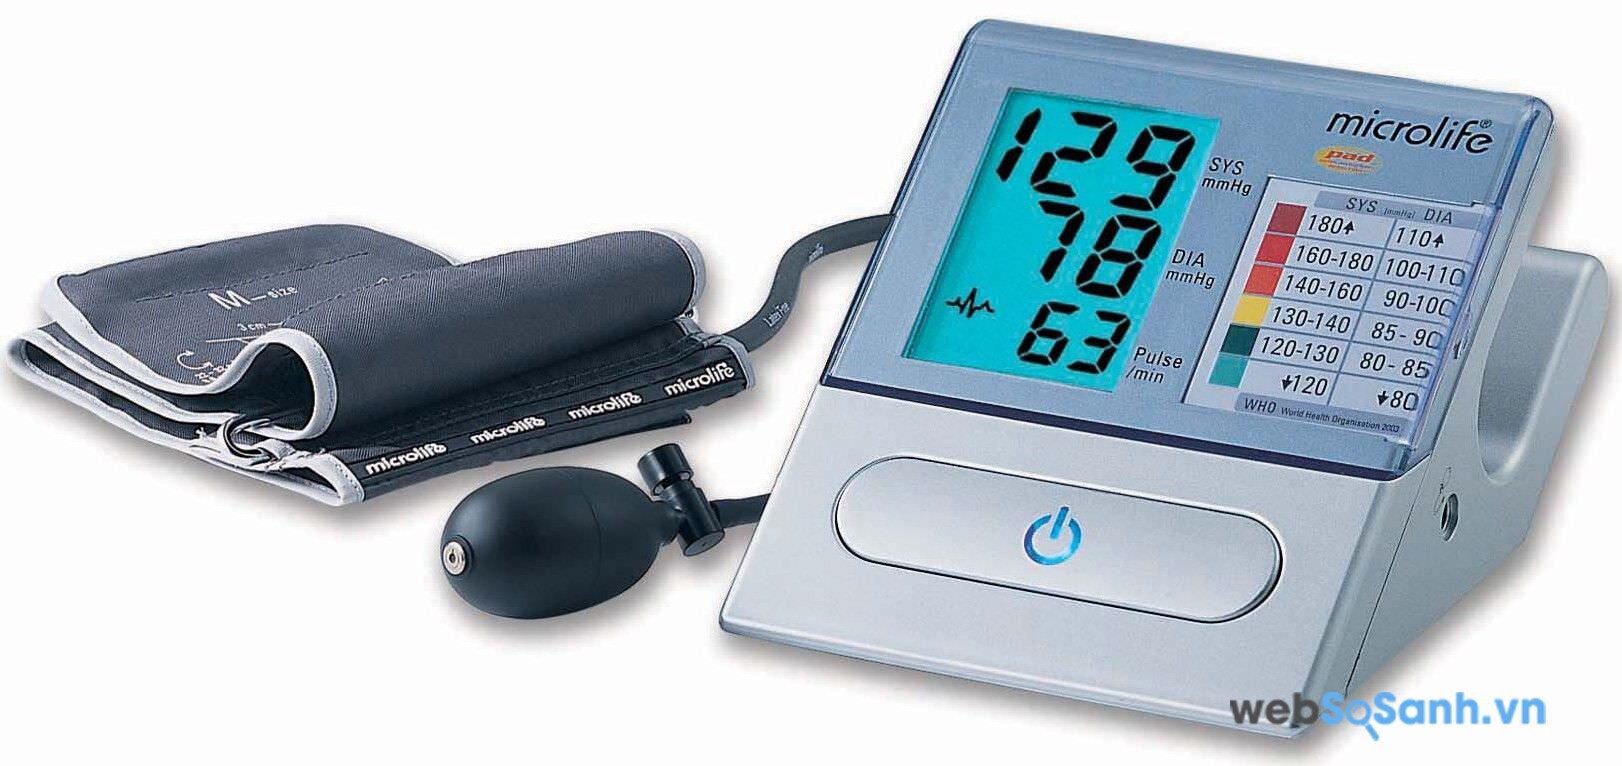 Theo thứ tự hình trên: 129 là huyết áp tâm thu, 78 là huyết áp tâm trương, và 63 là nhịp tim